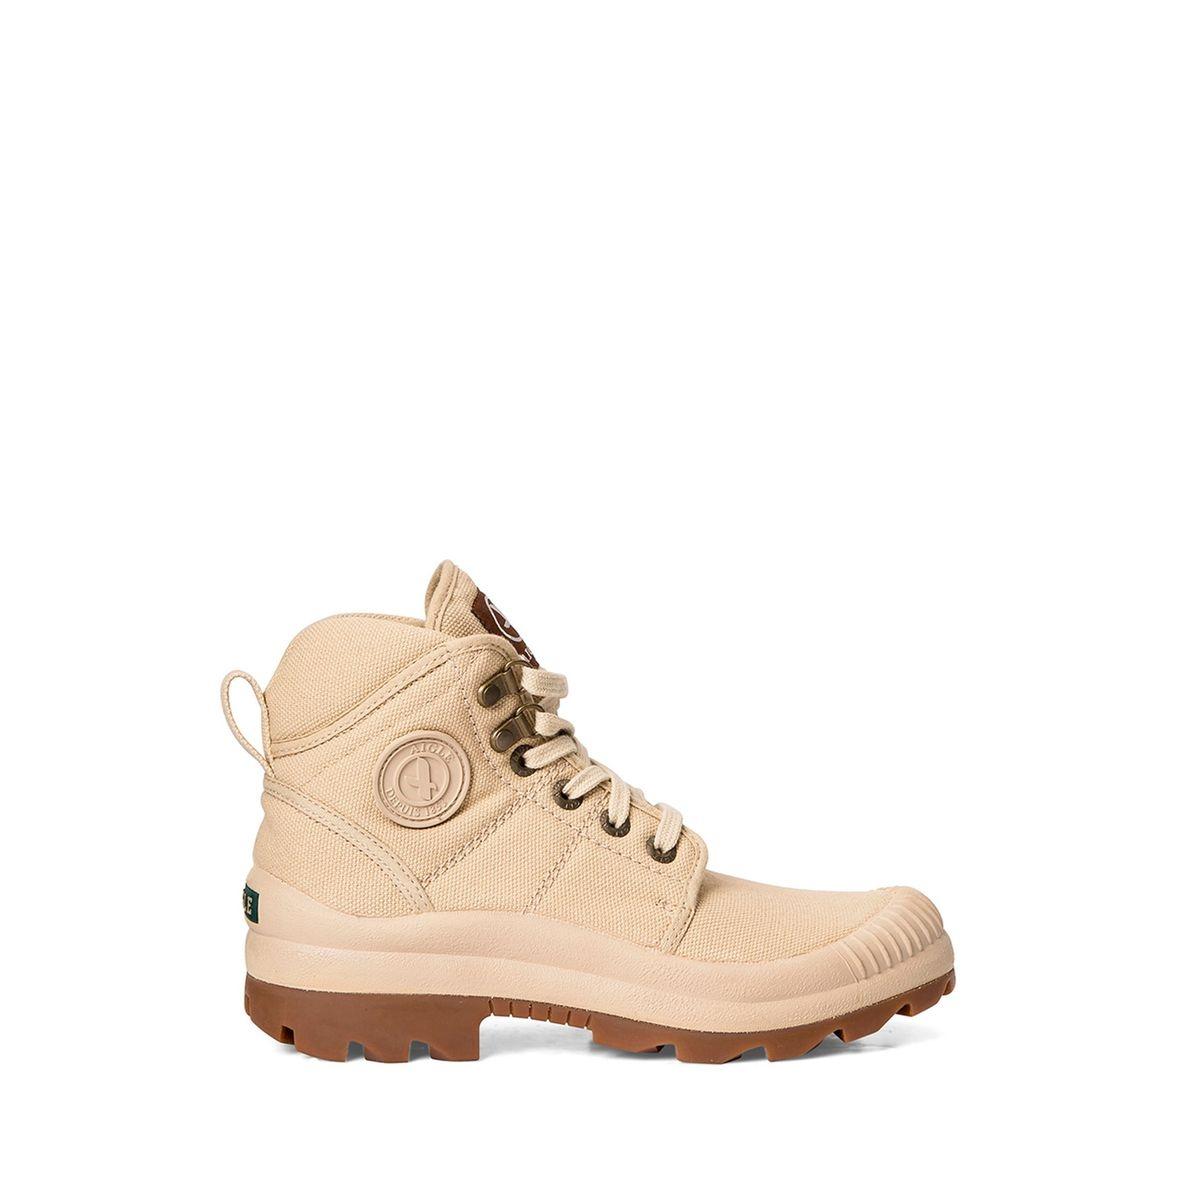 Chaussures de marche en toile Tenere 2